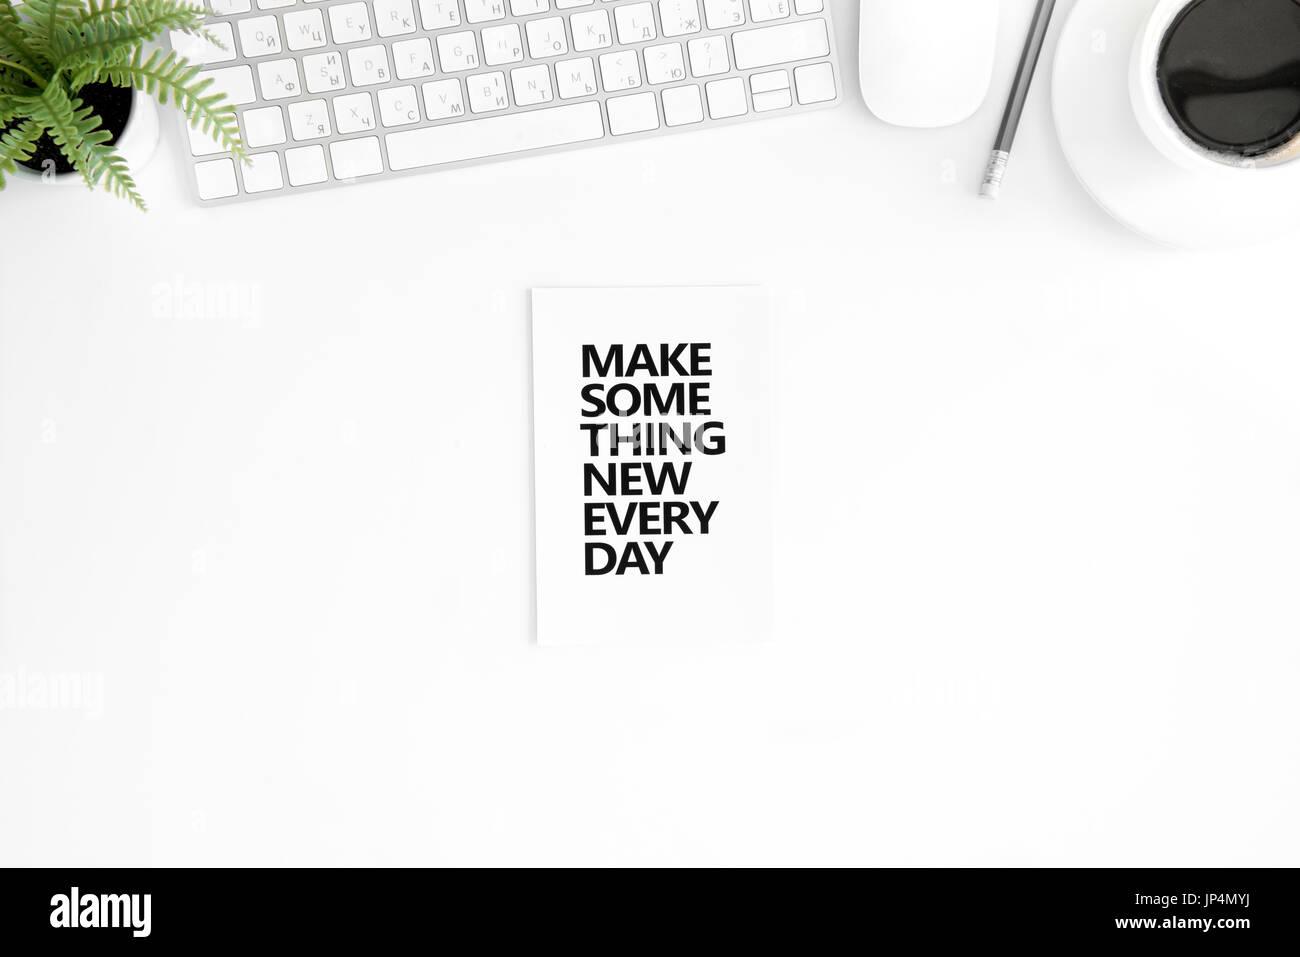 Sentar planas con hacer algo nuevo cada día citas atractivas en diario, de teclado y de ratón de ordenador aislado en blanco Imagen De Stock